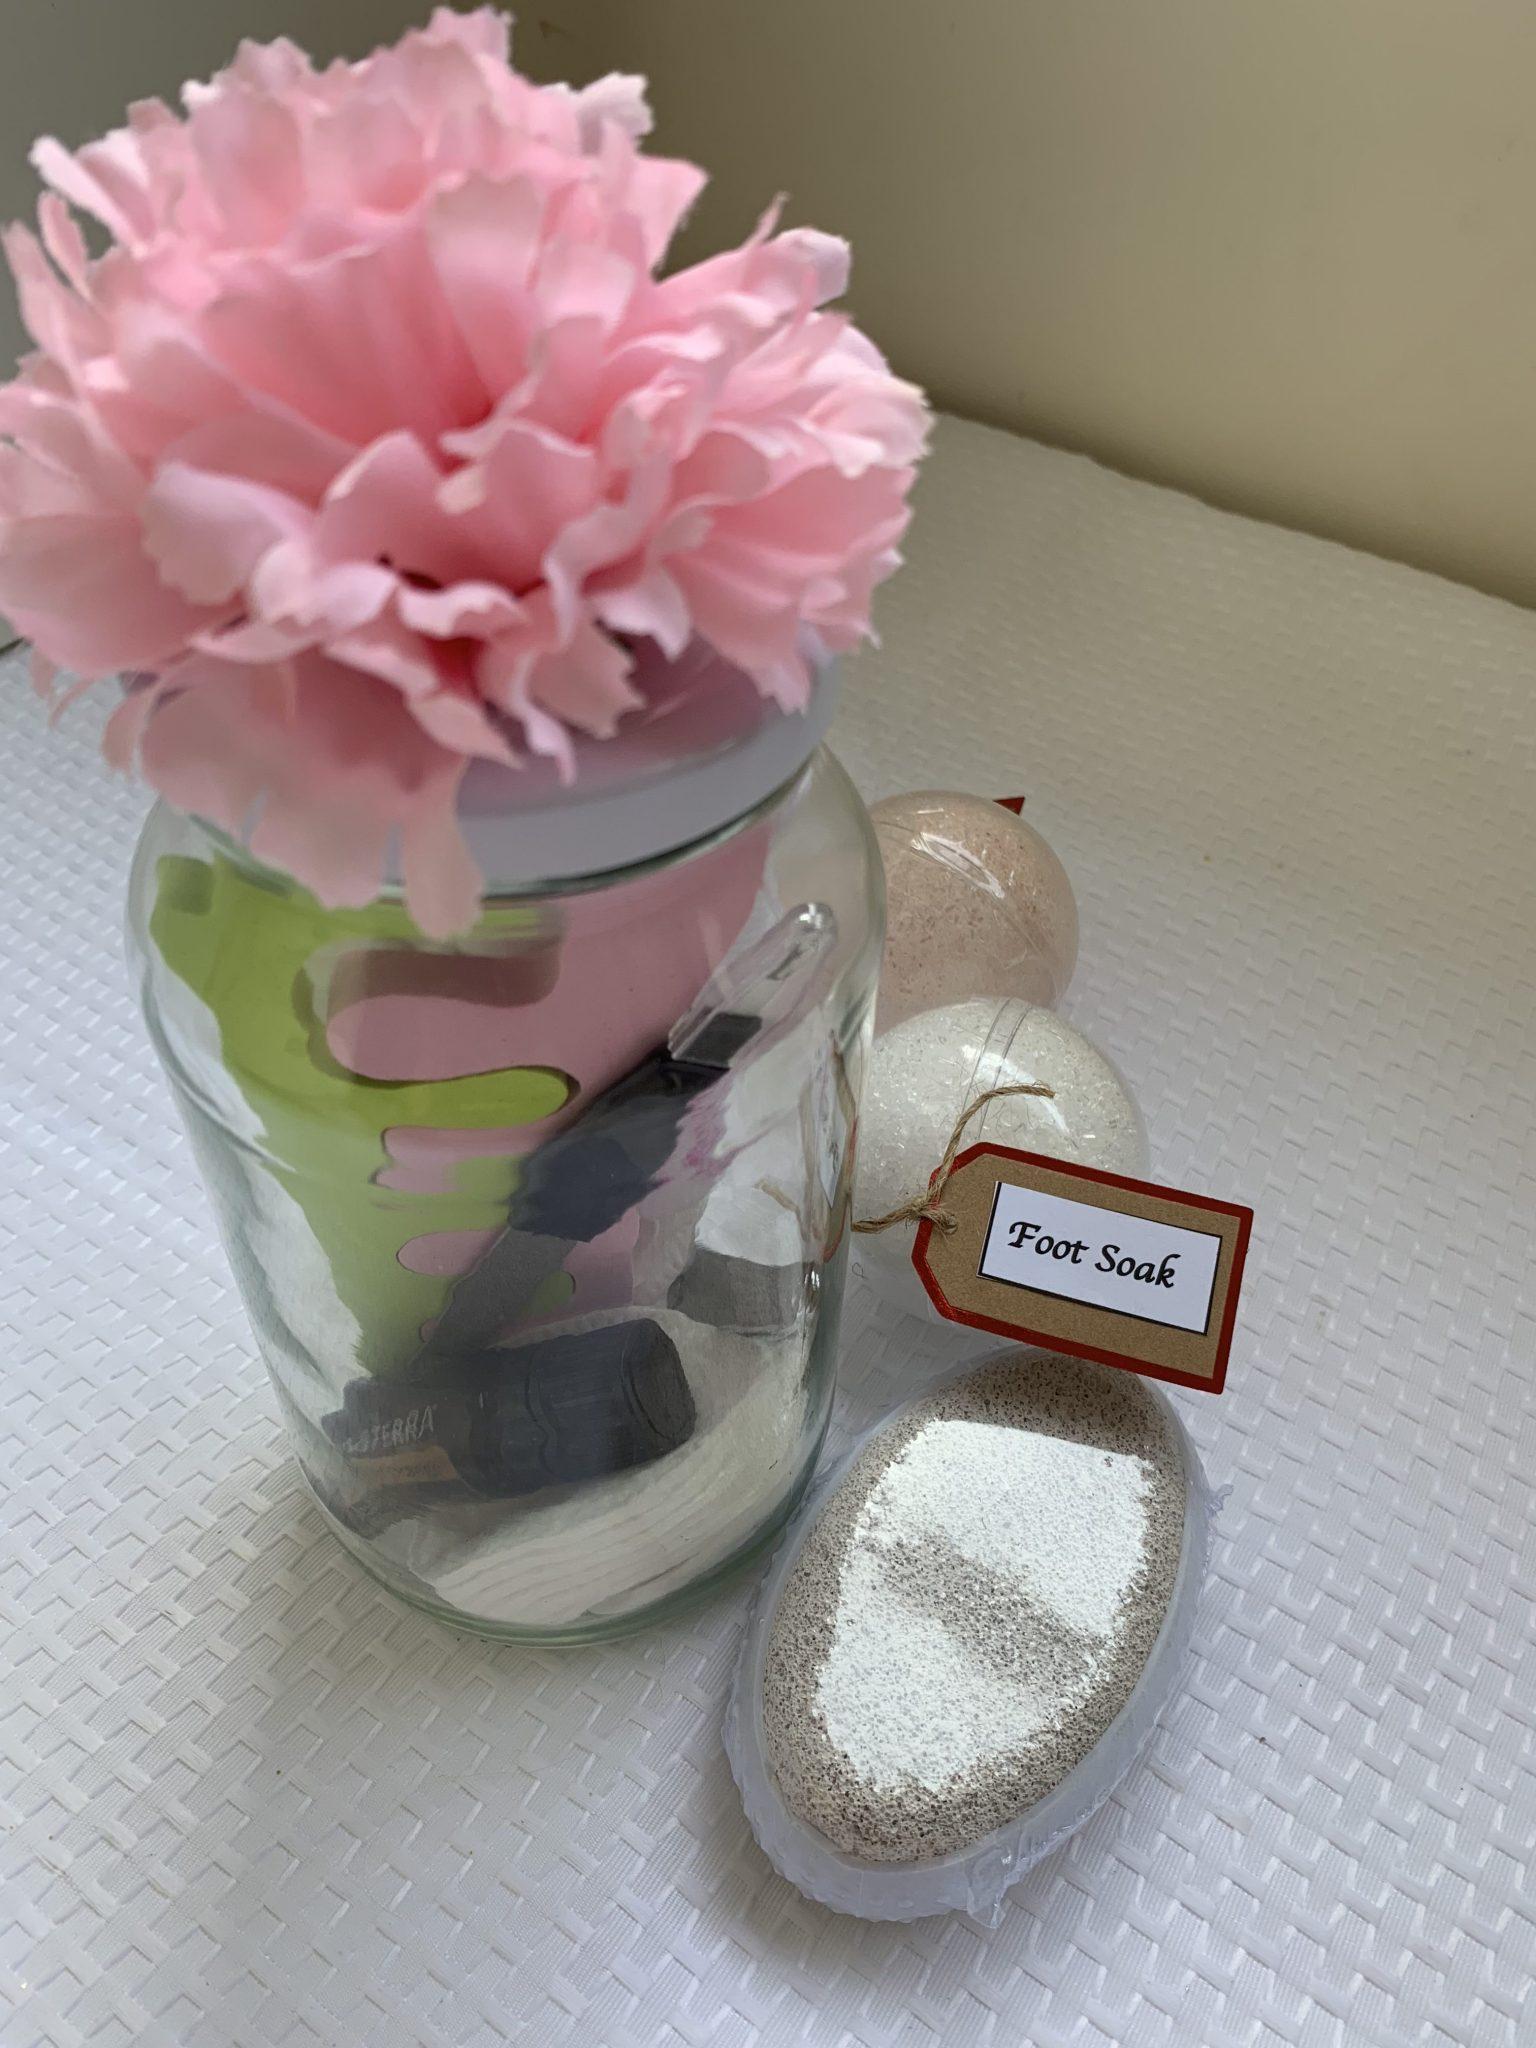 doTERRA Foot Pamper Gift